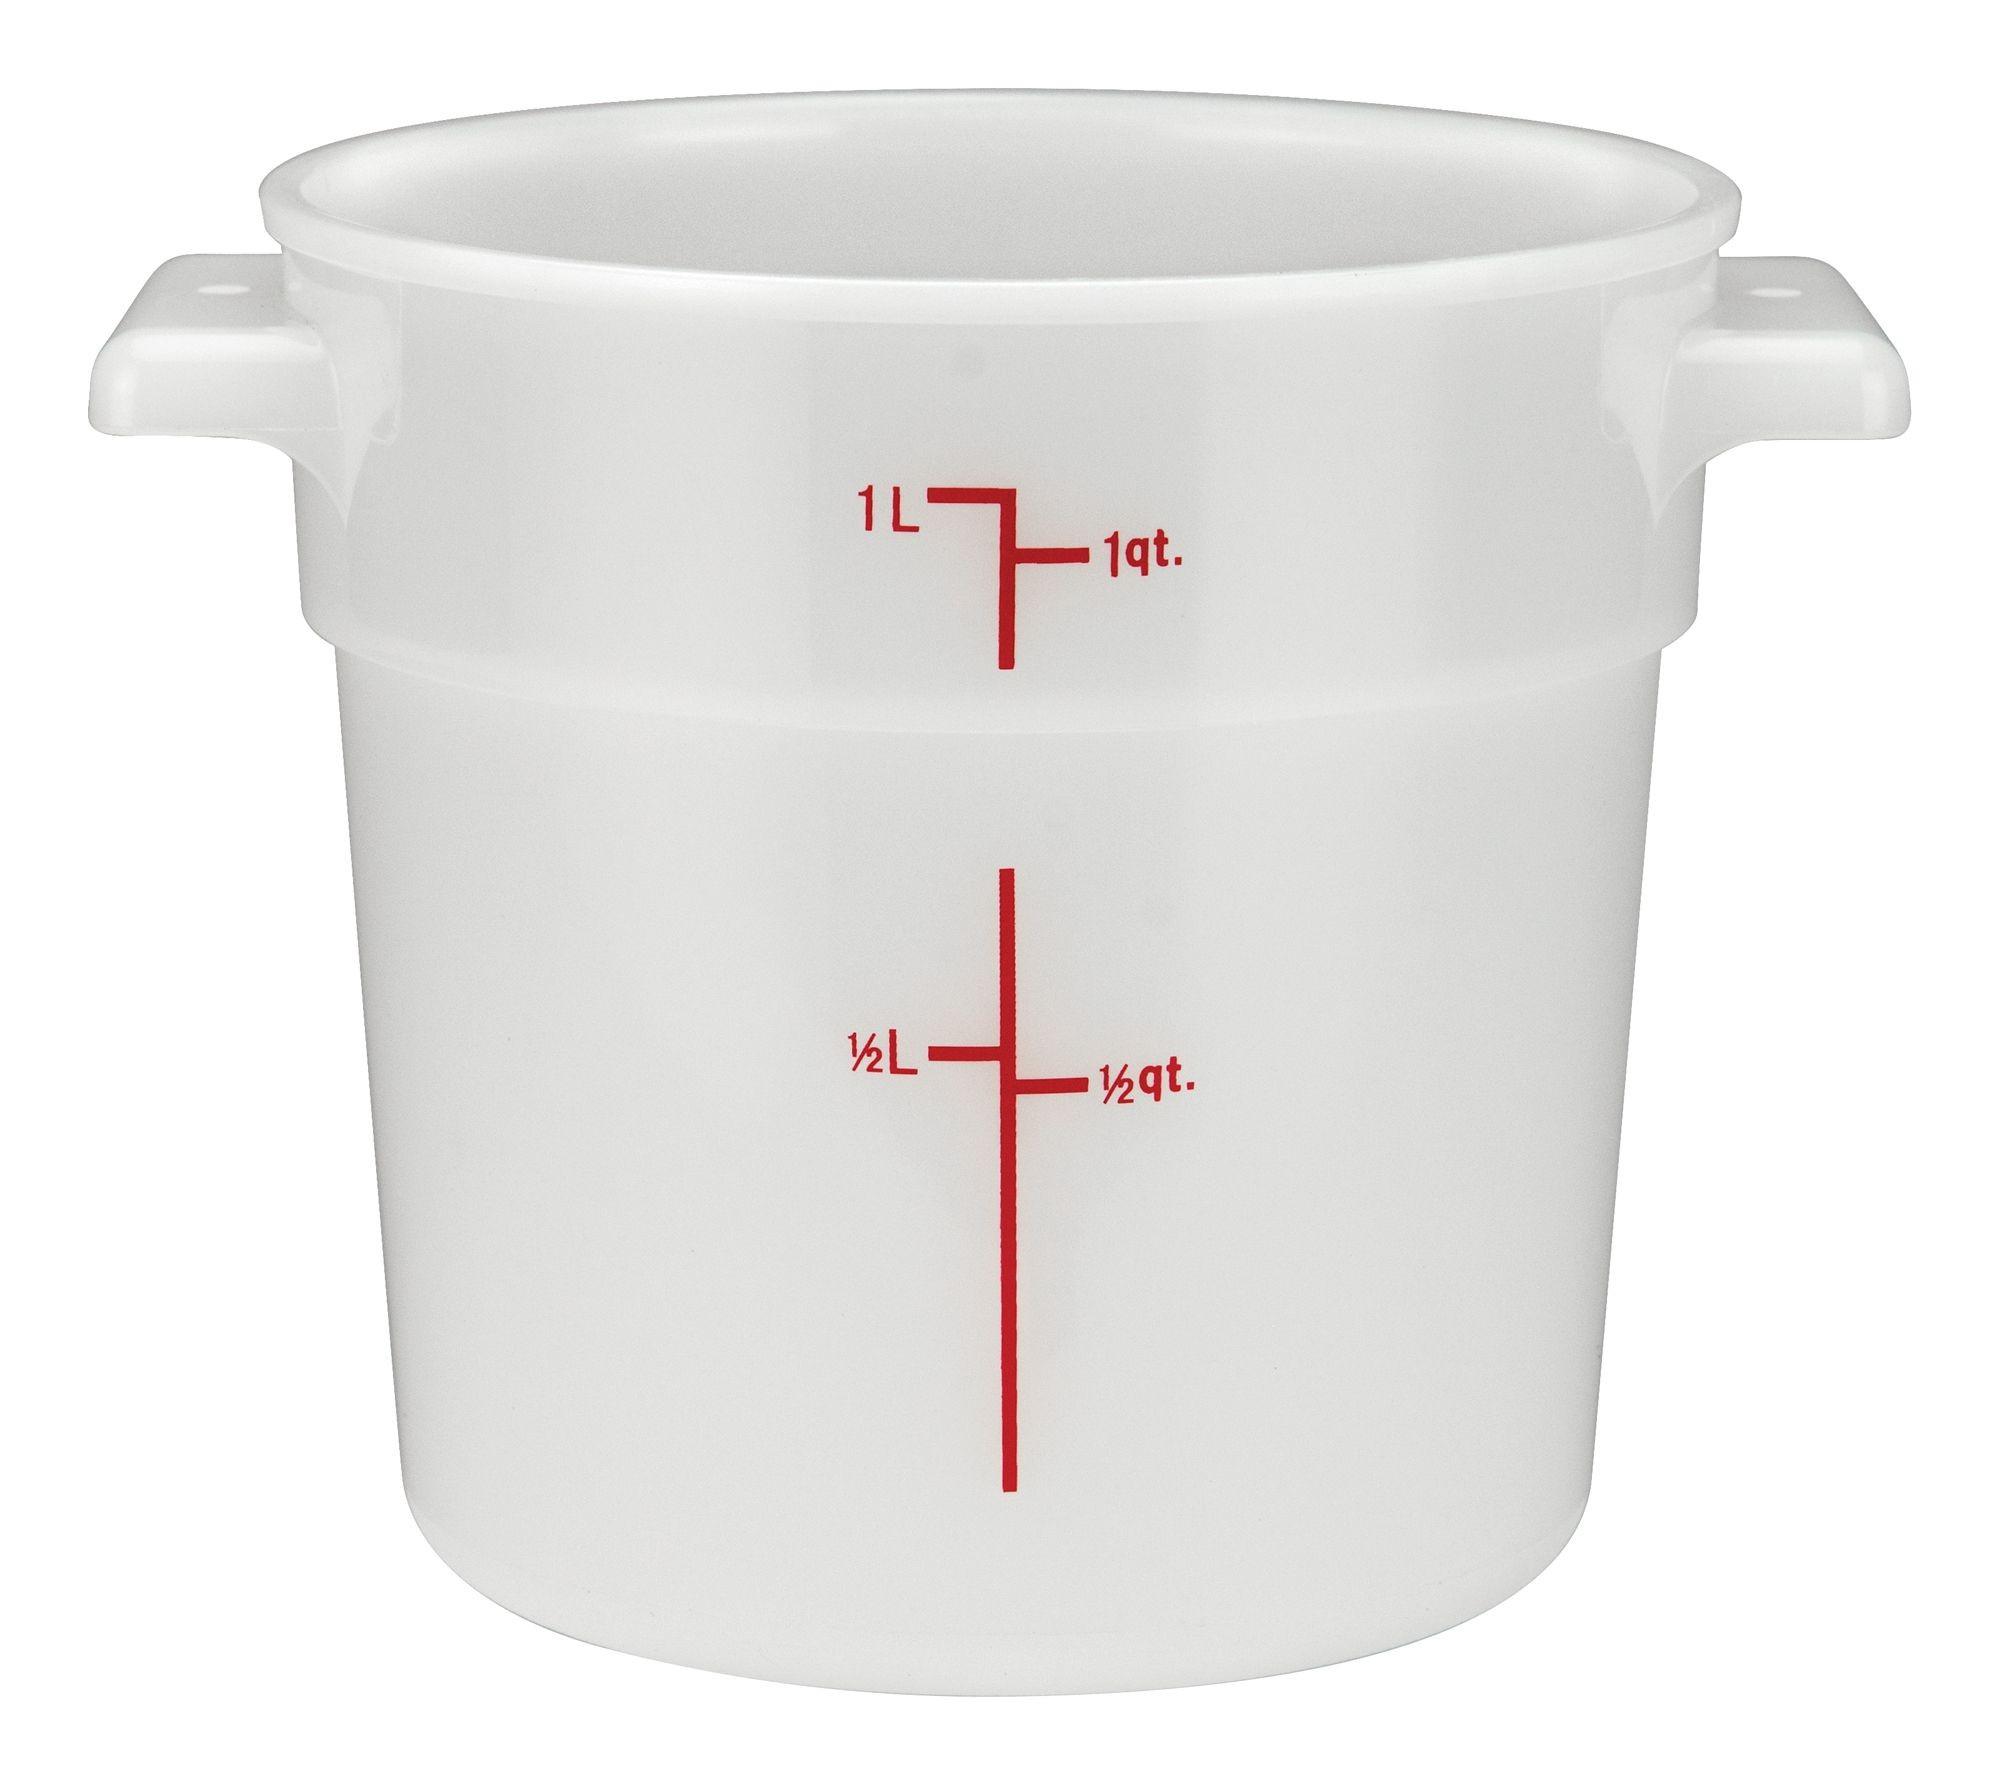 Winco rc-1w White Round Storage Container, 1 Qt.